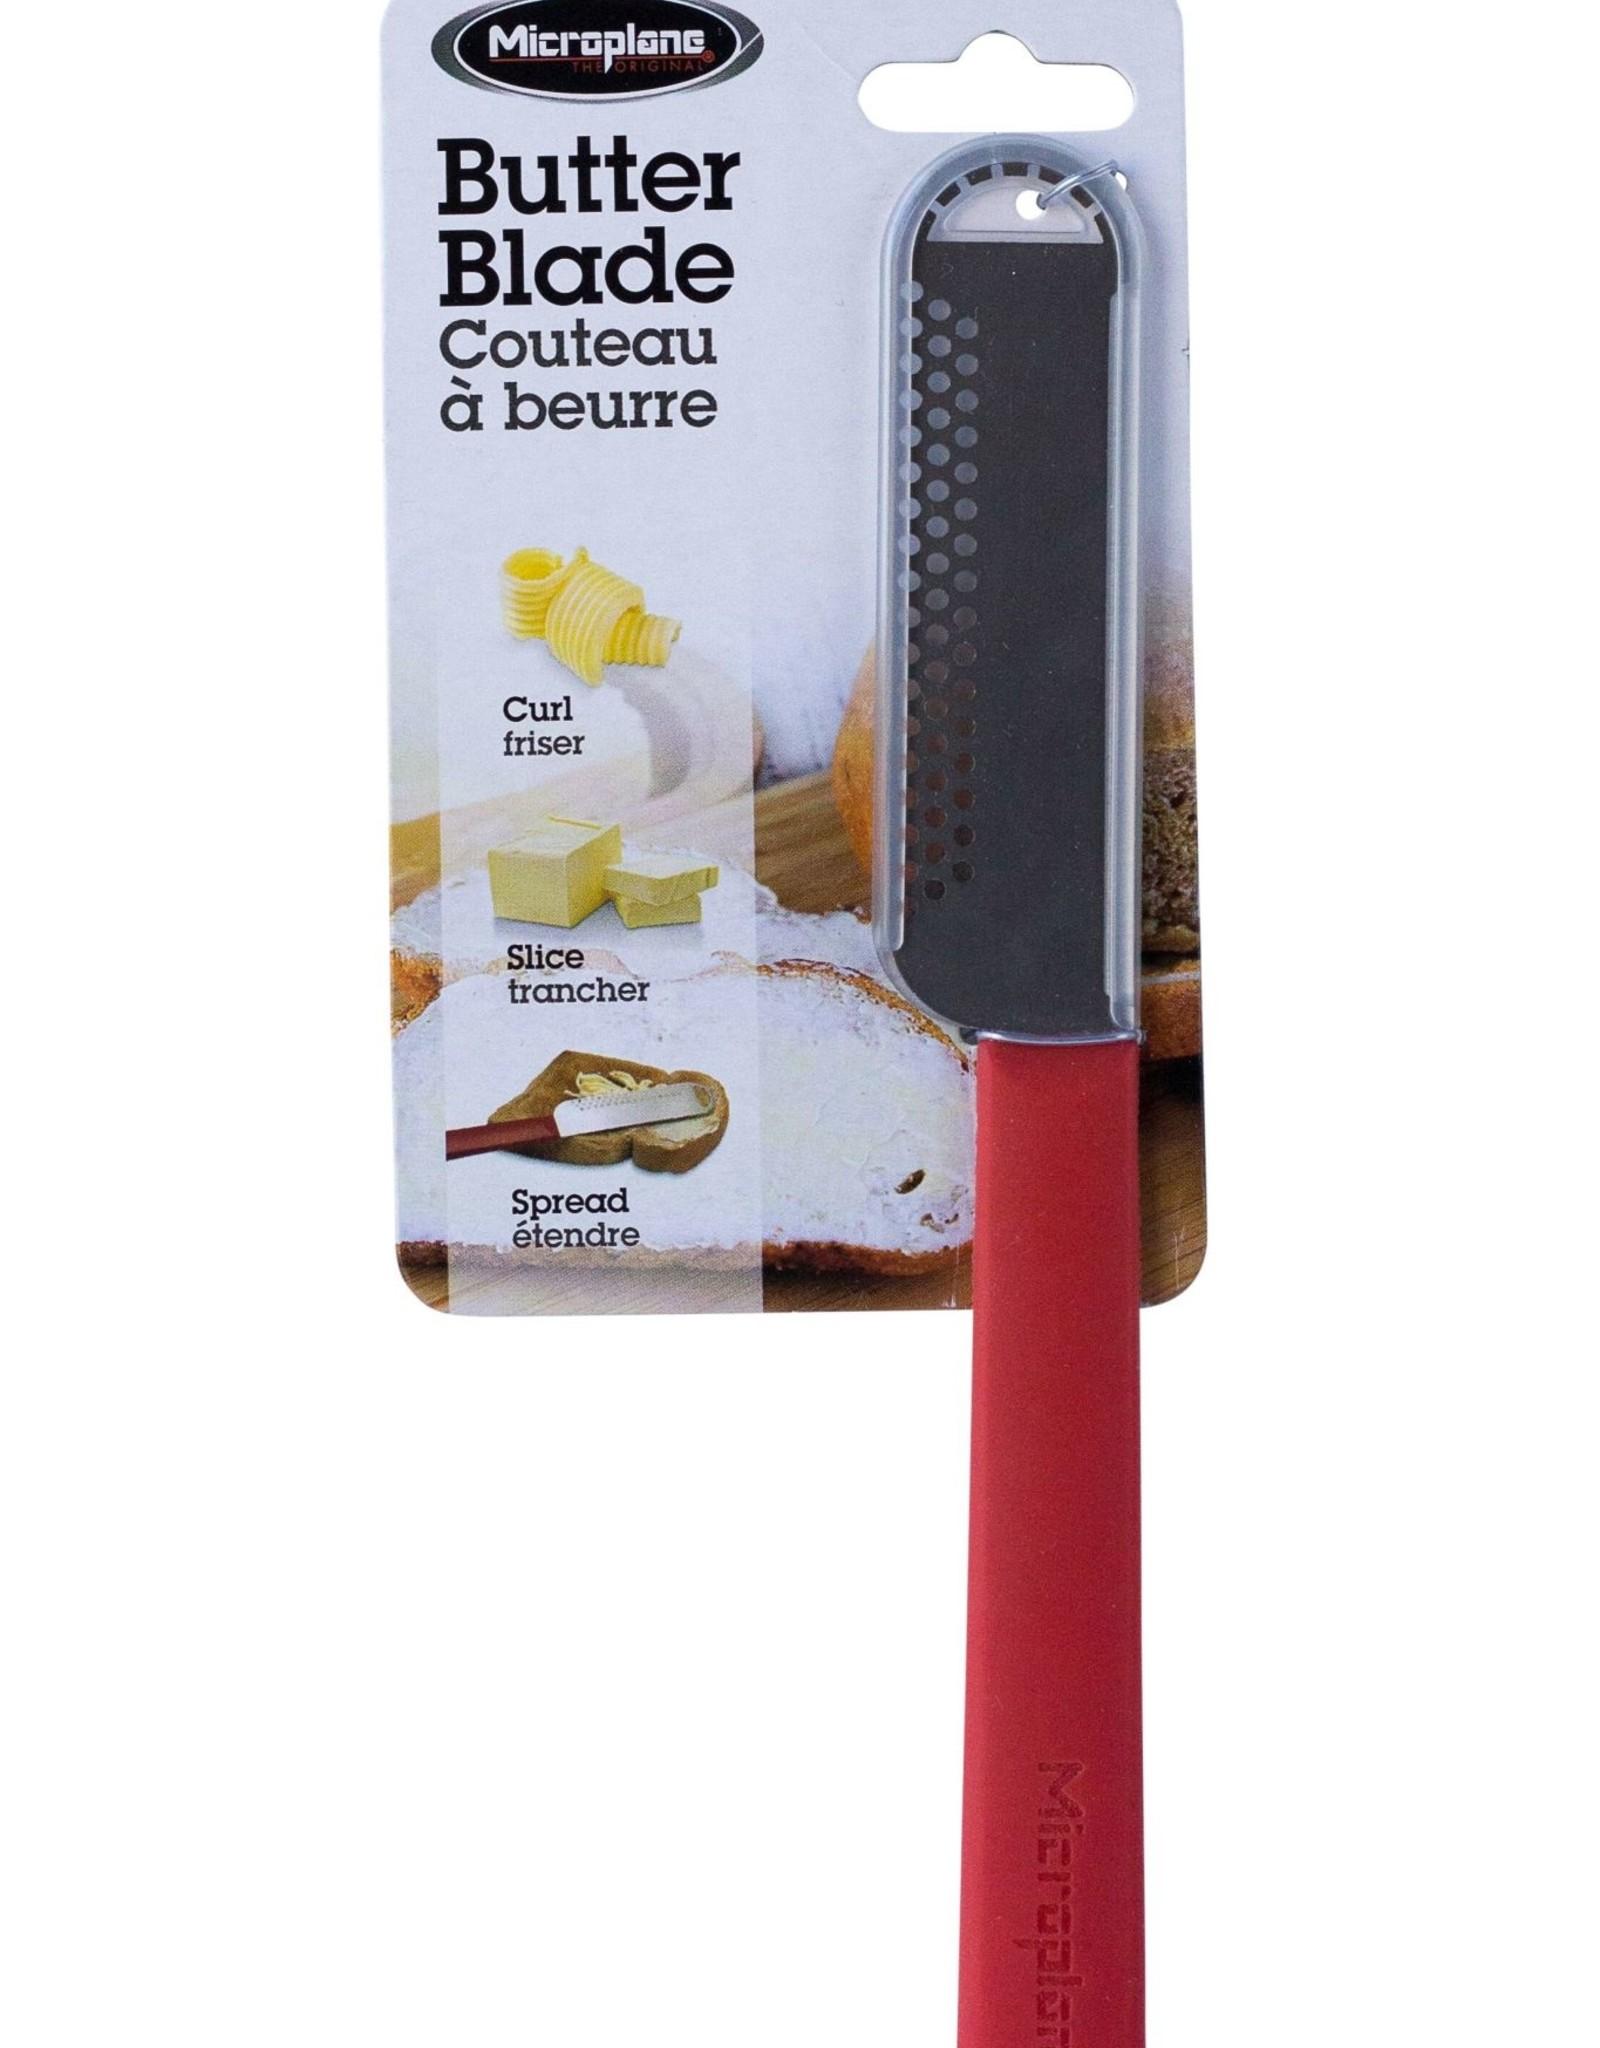 Microplane Couteau à beurre Microplane